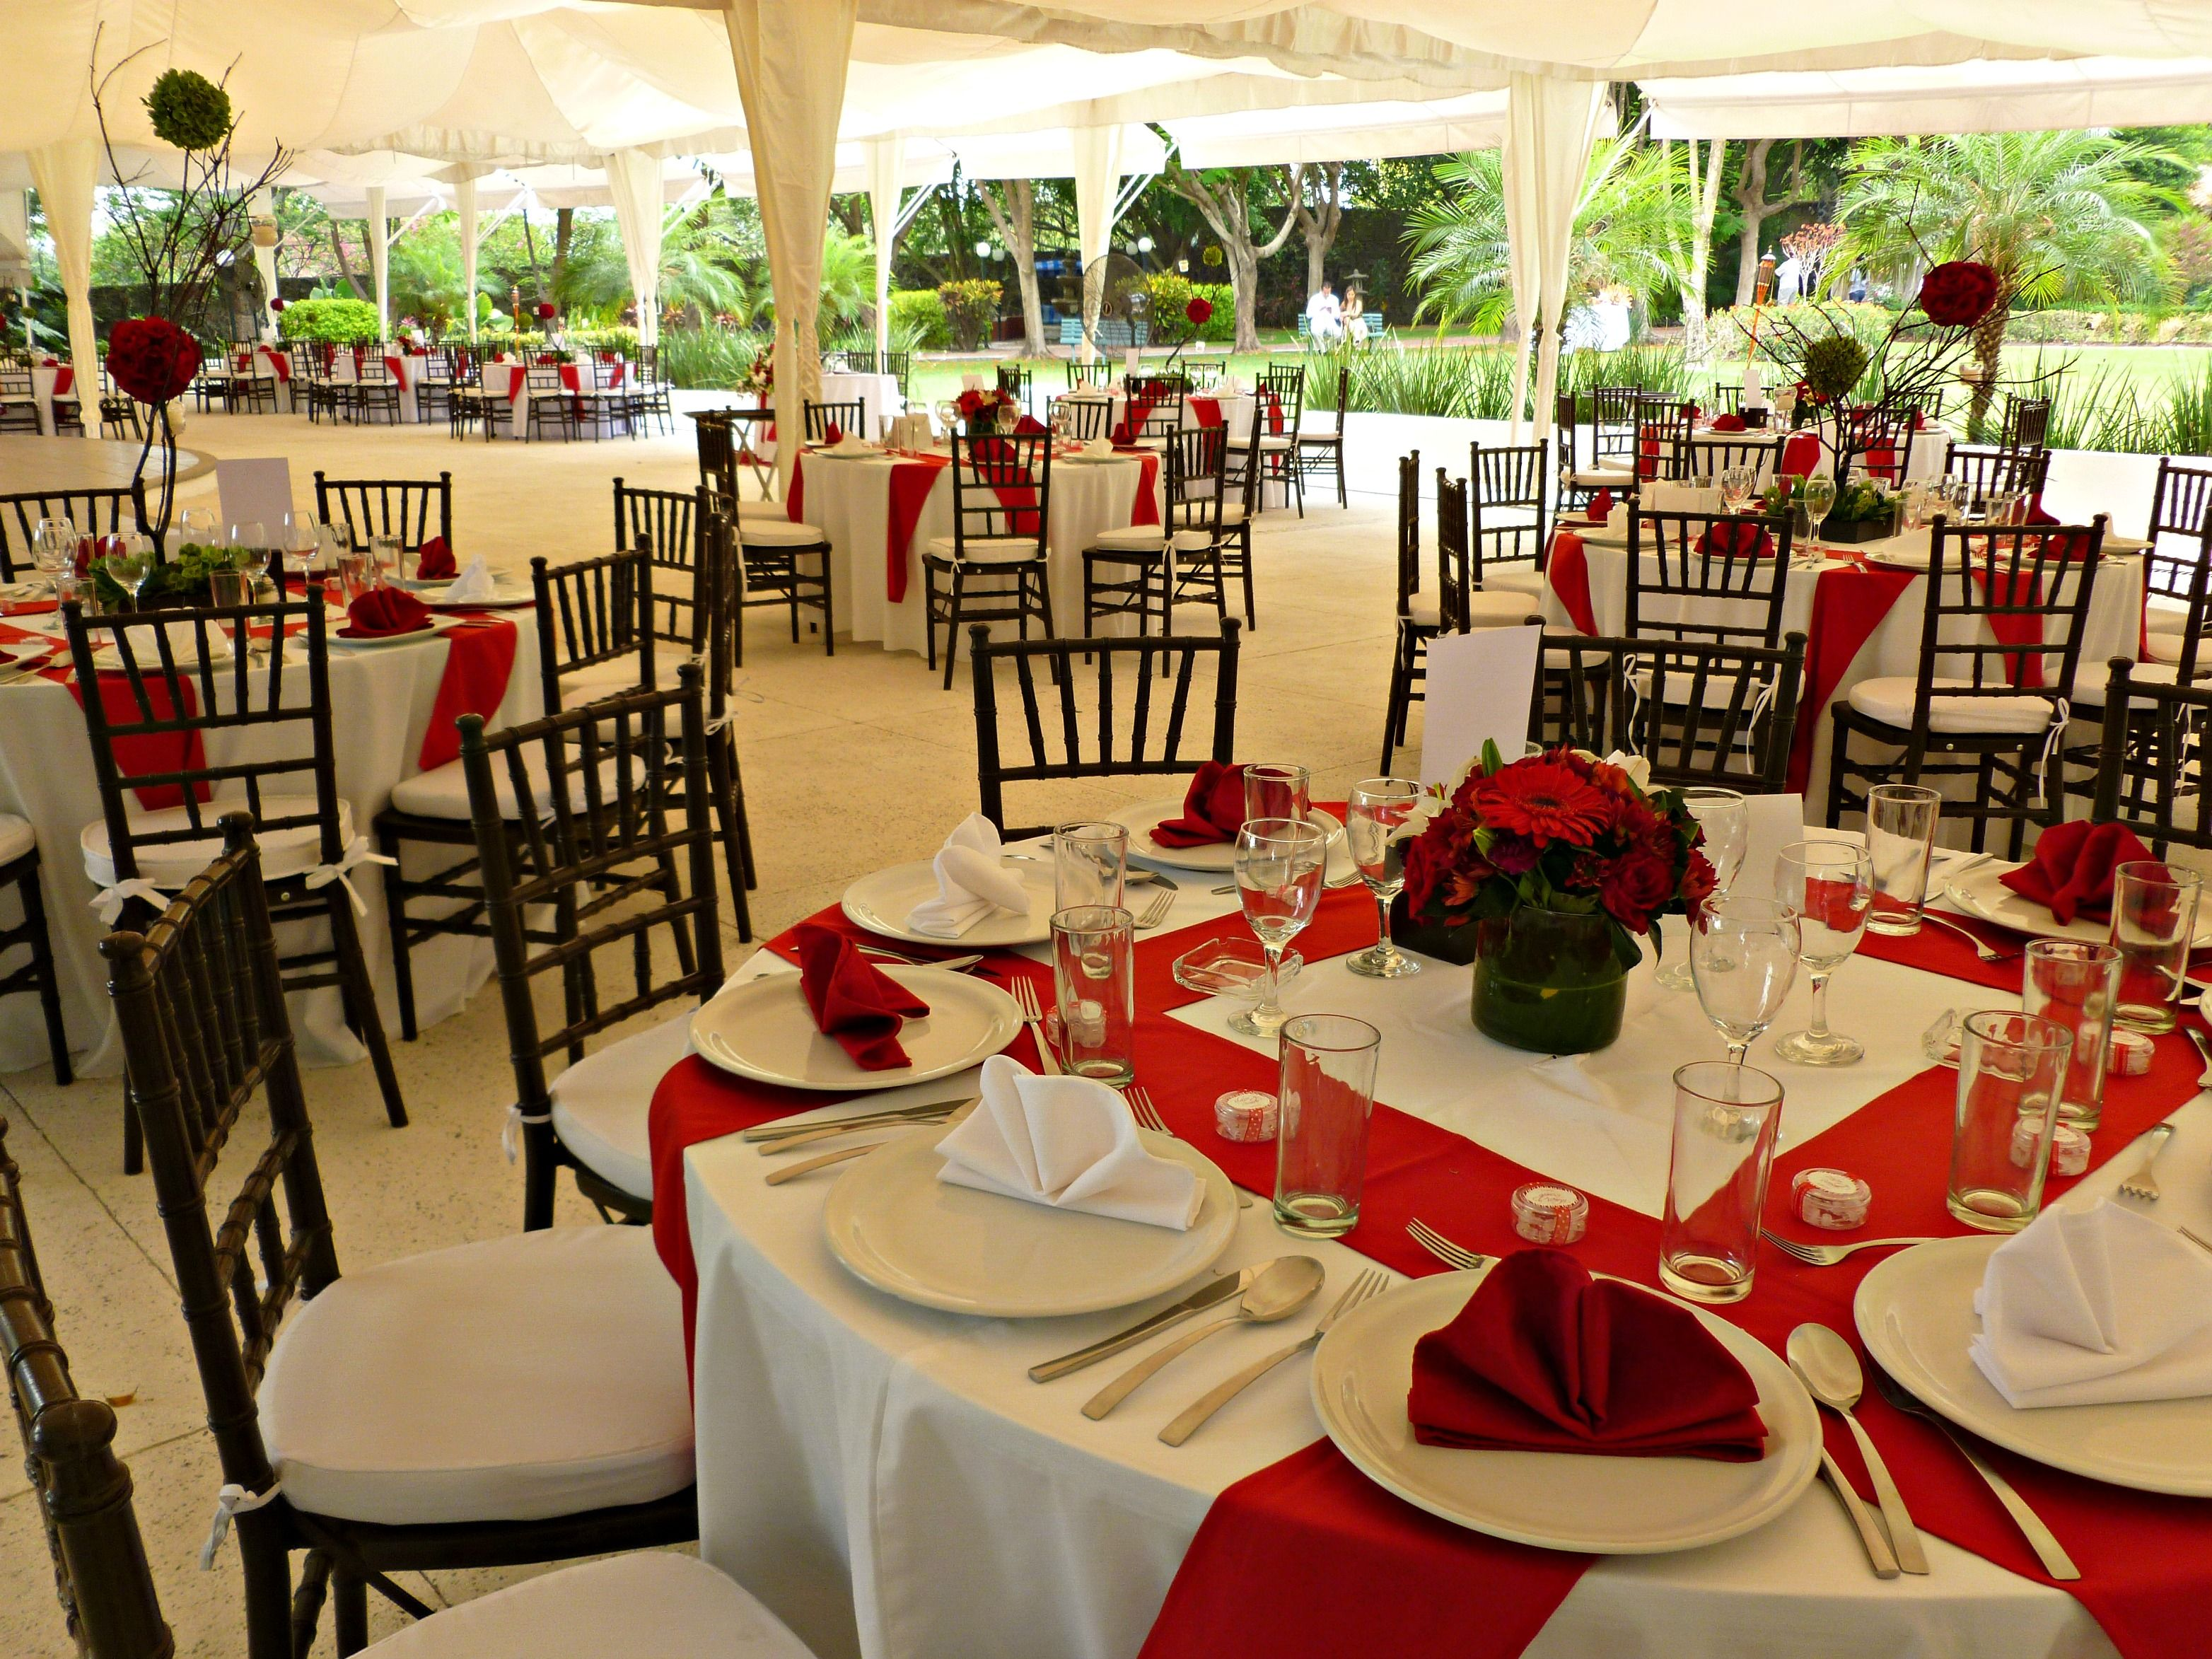 Sillas vintage el rinc 243 n di ree - Montaje De Boda En Mesas Redondas Sillas Tiffany Chocolate Y Tiras De Gato Color Rojo